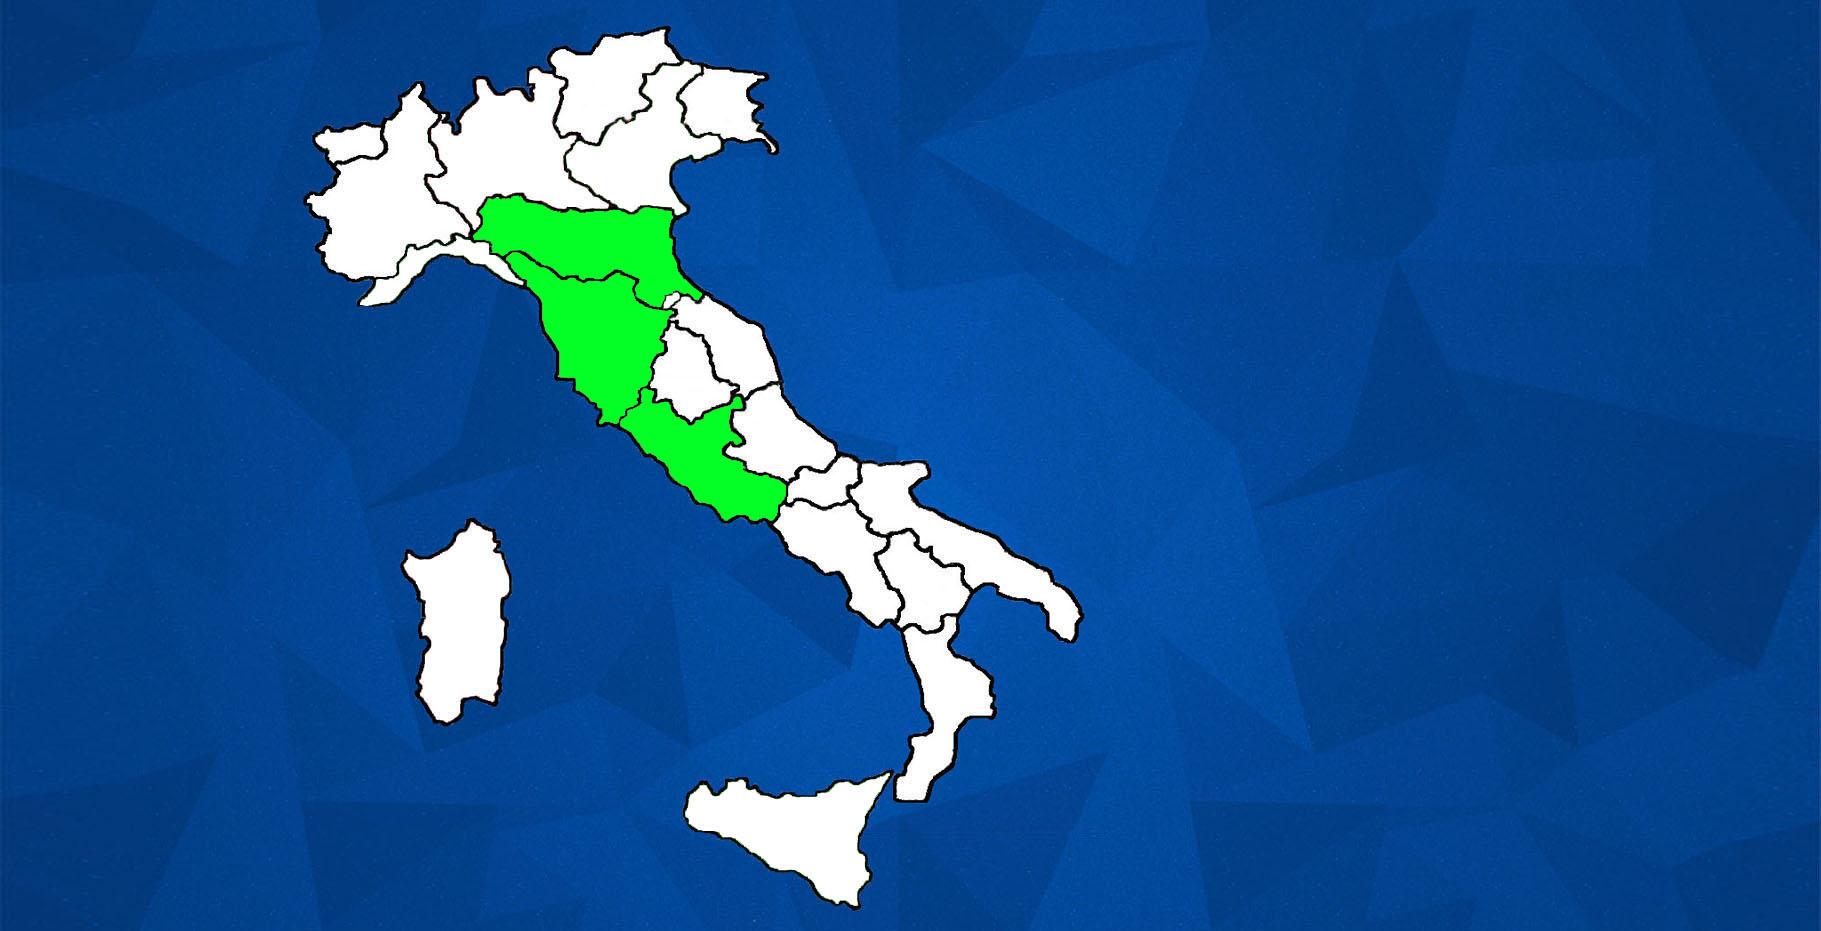 CIV MAP